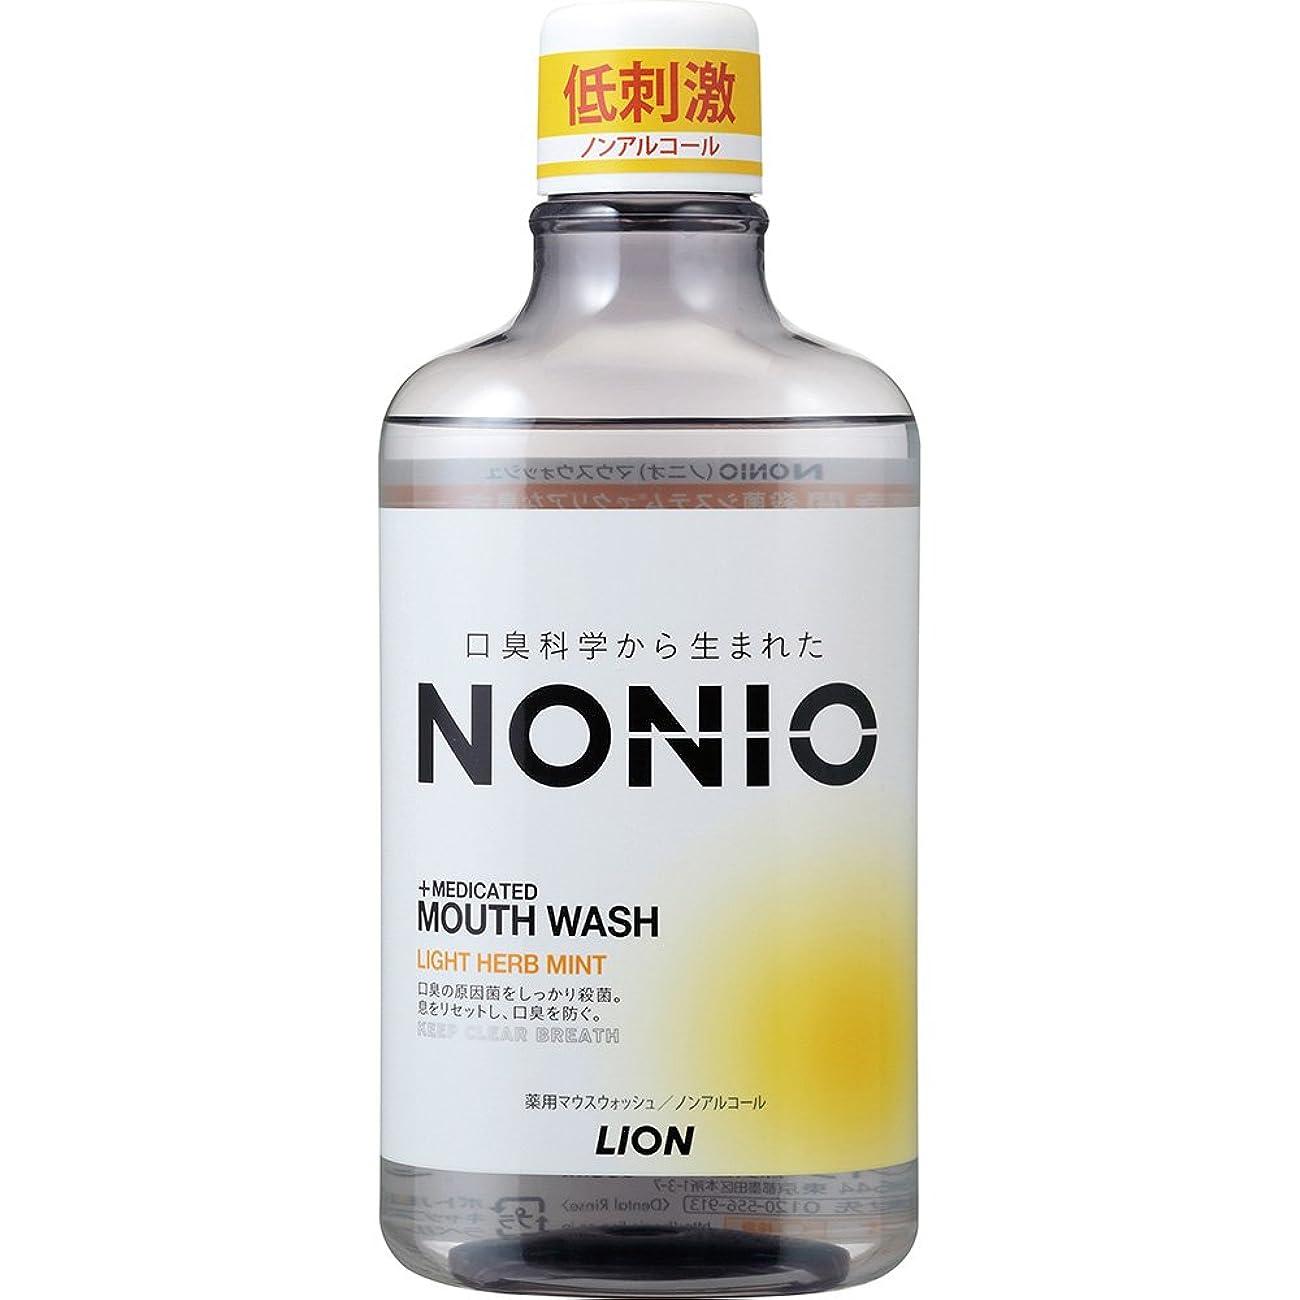 誘惑神経障害決定[医薬部外品]NONIO マウスウォッシュ ノンアルコール ライトハーブミント 600ml 洗口液